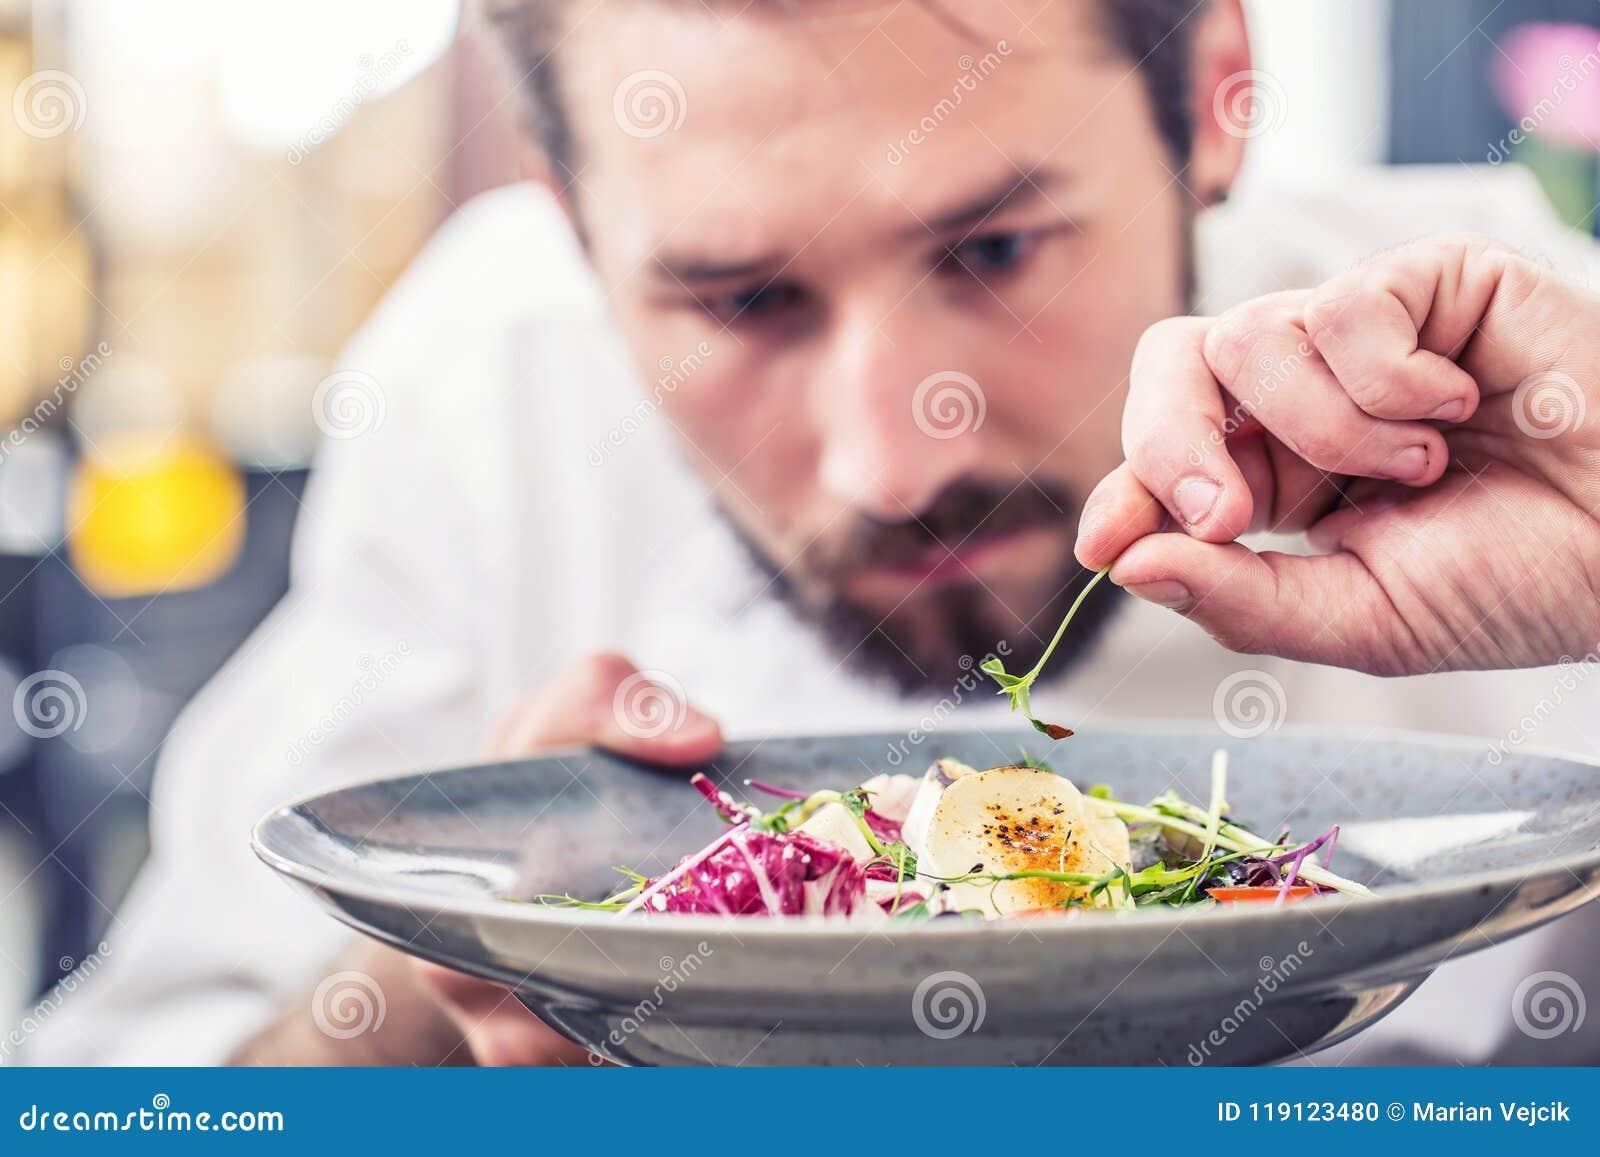 Αρχιμάγειρας στην κουζίνα ξενοδοχείων ή εστιατορίων που προετοιμάζει τα τρόφιμα